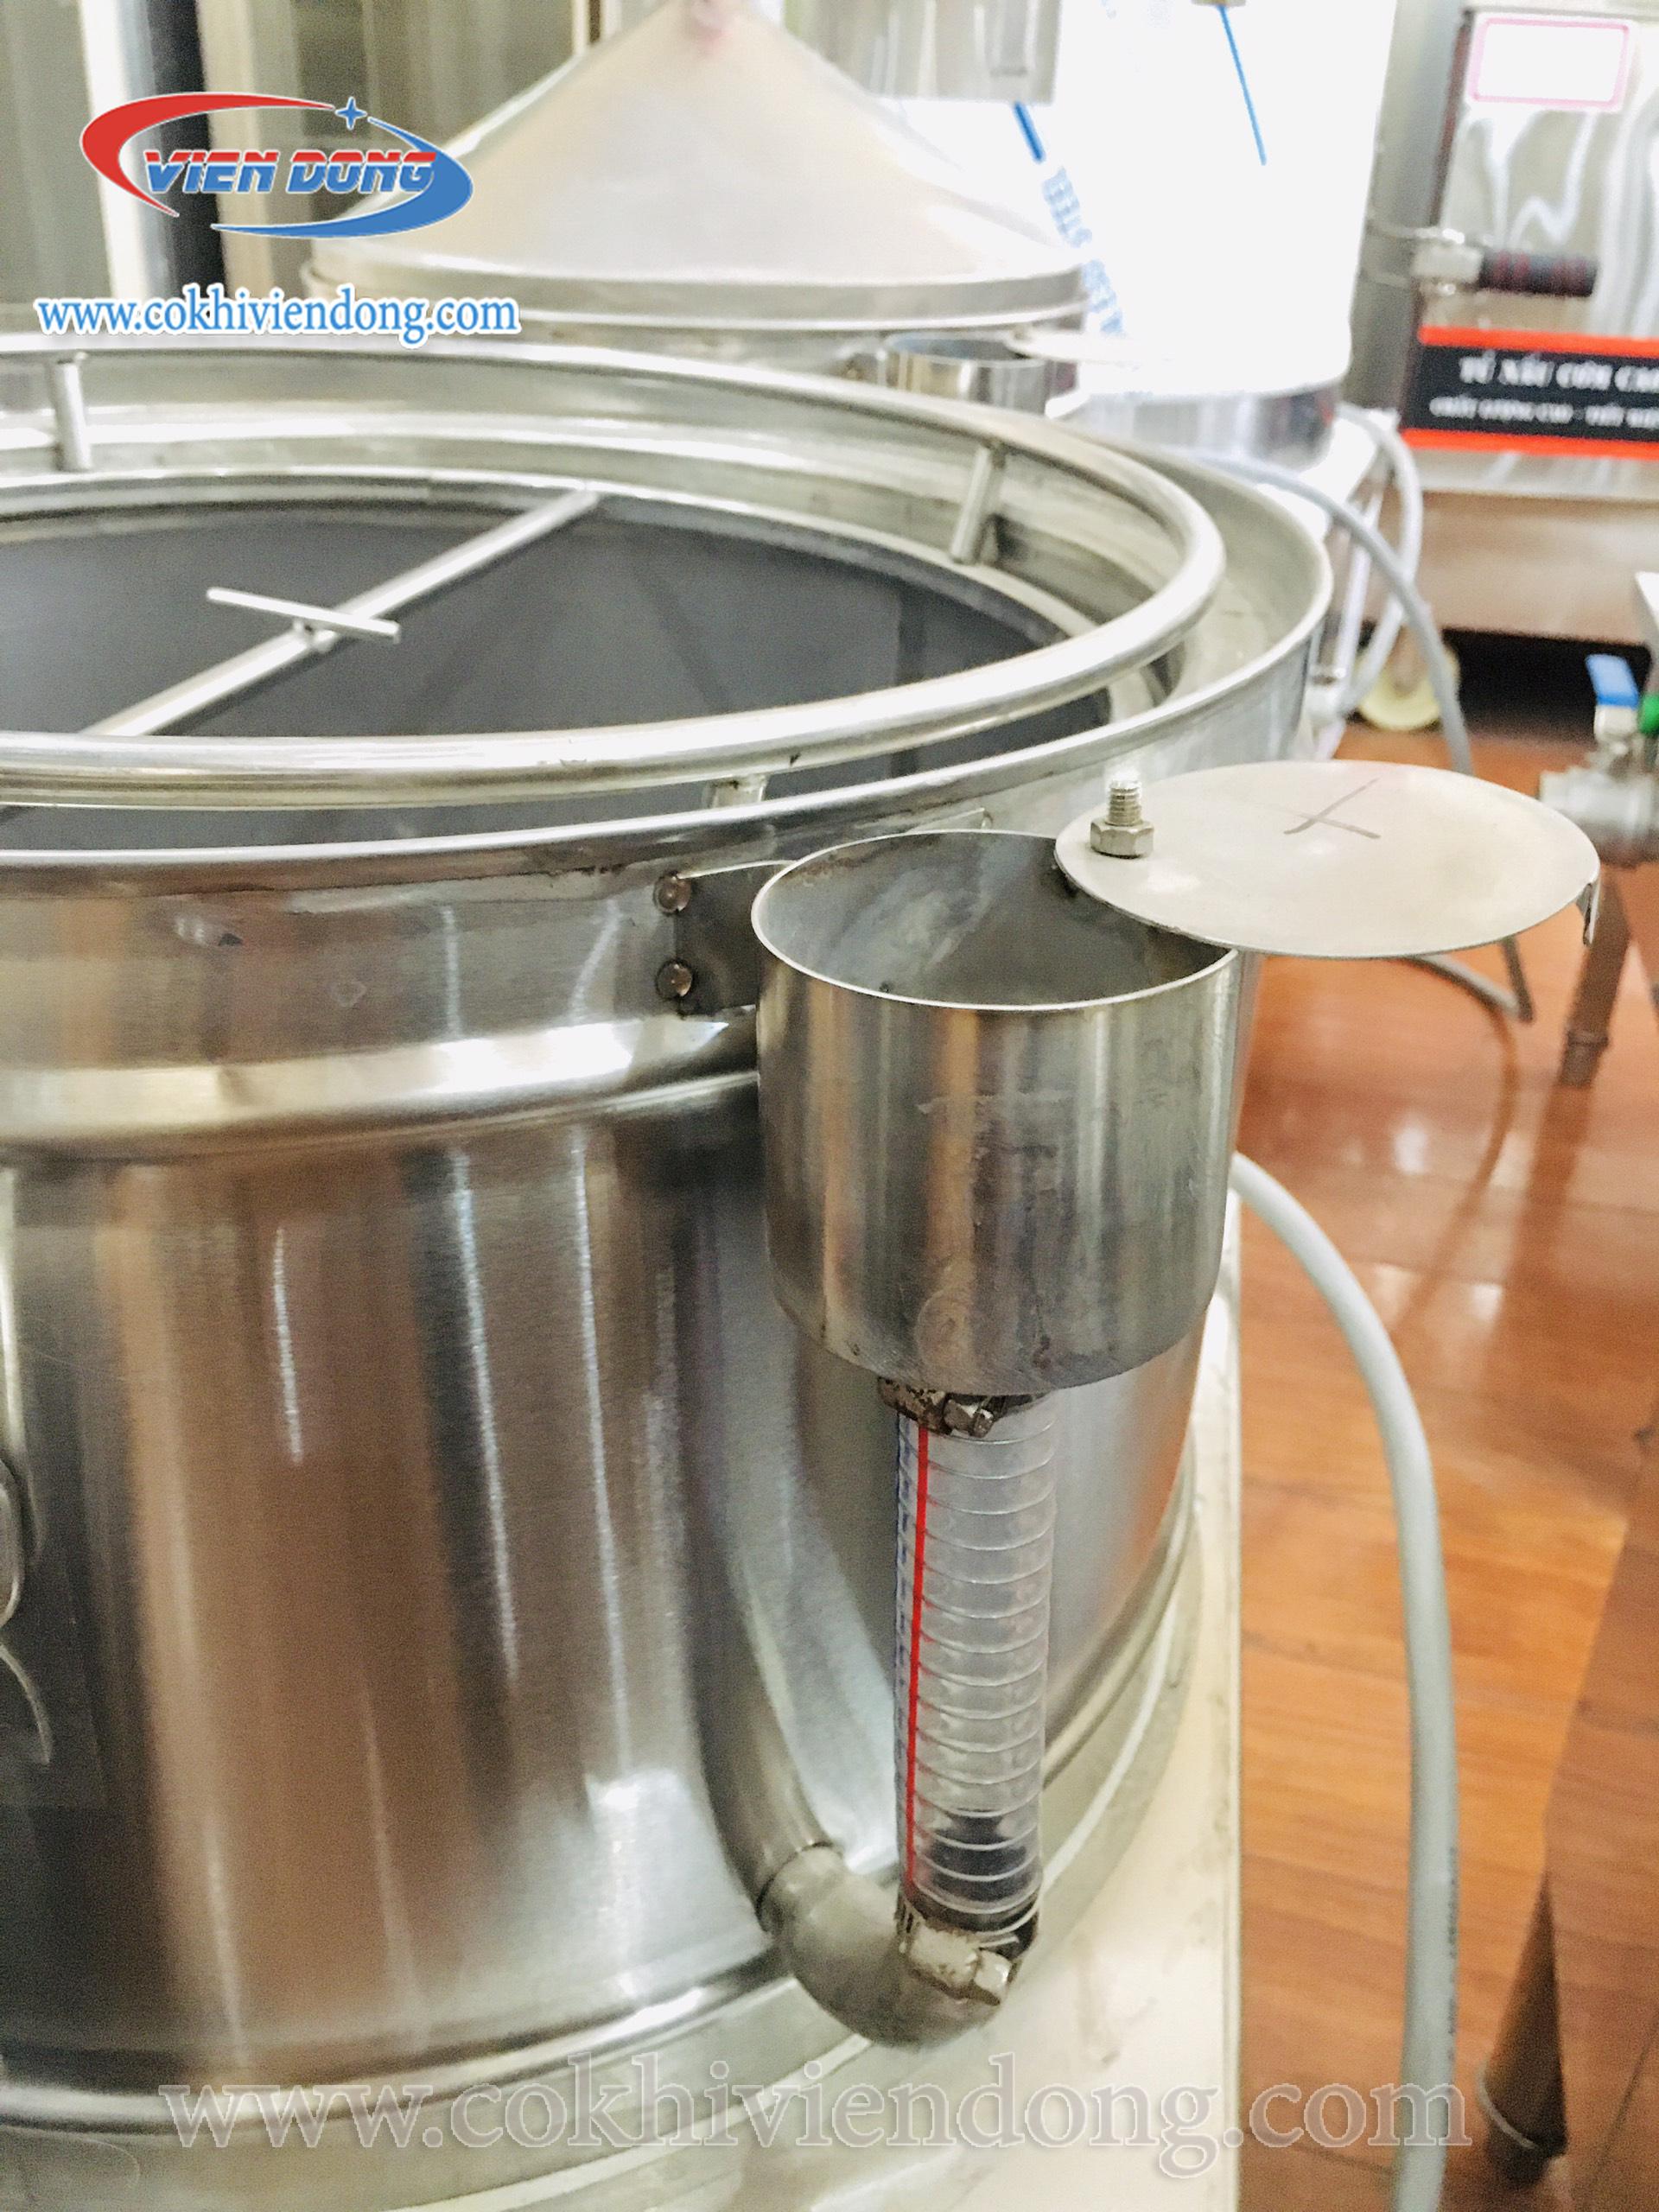 Ống tiếp nước của nồi tráng bánh cuốn 2021